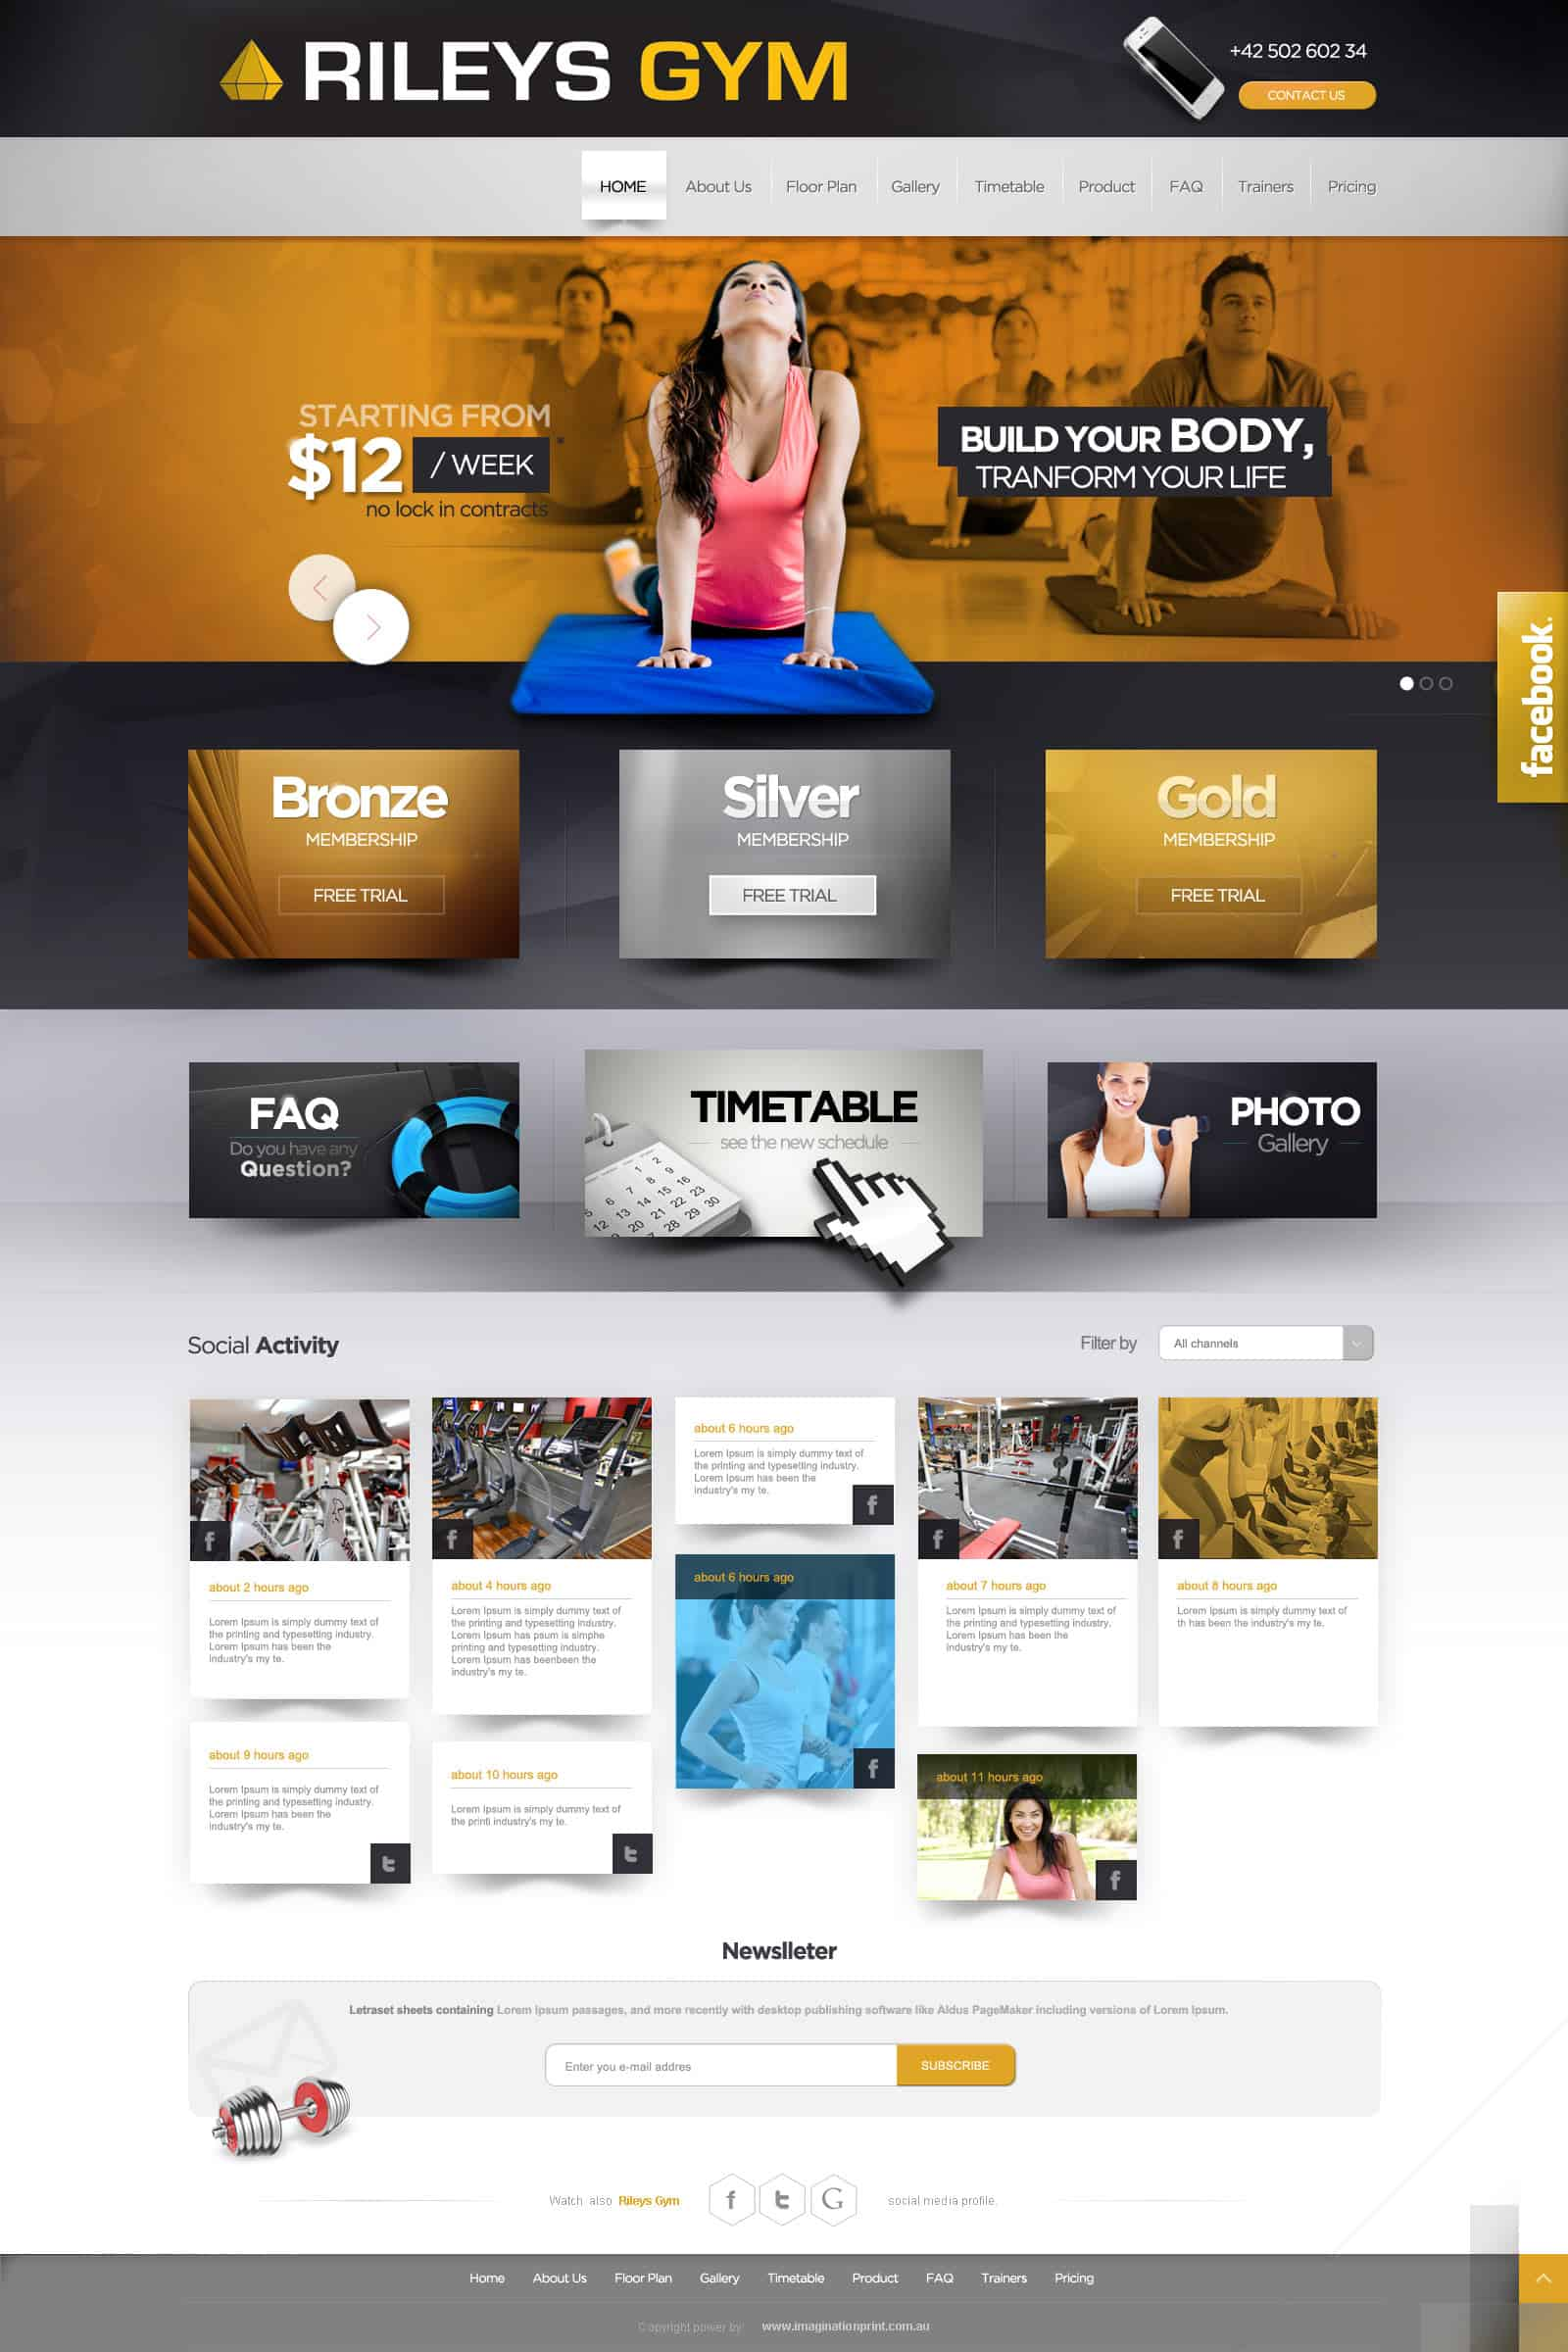 WordPress website design services for Rileys Gym